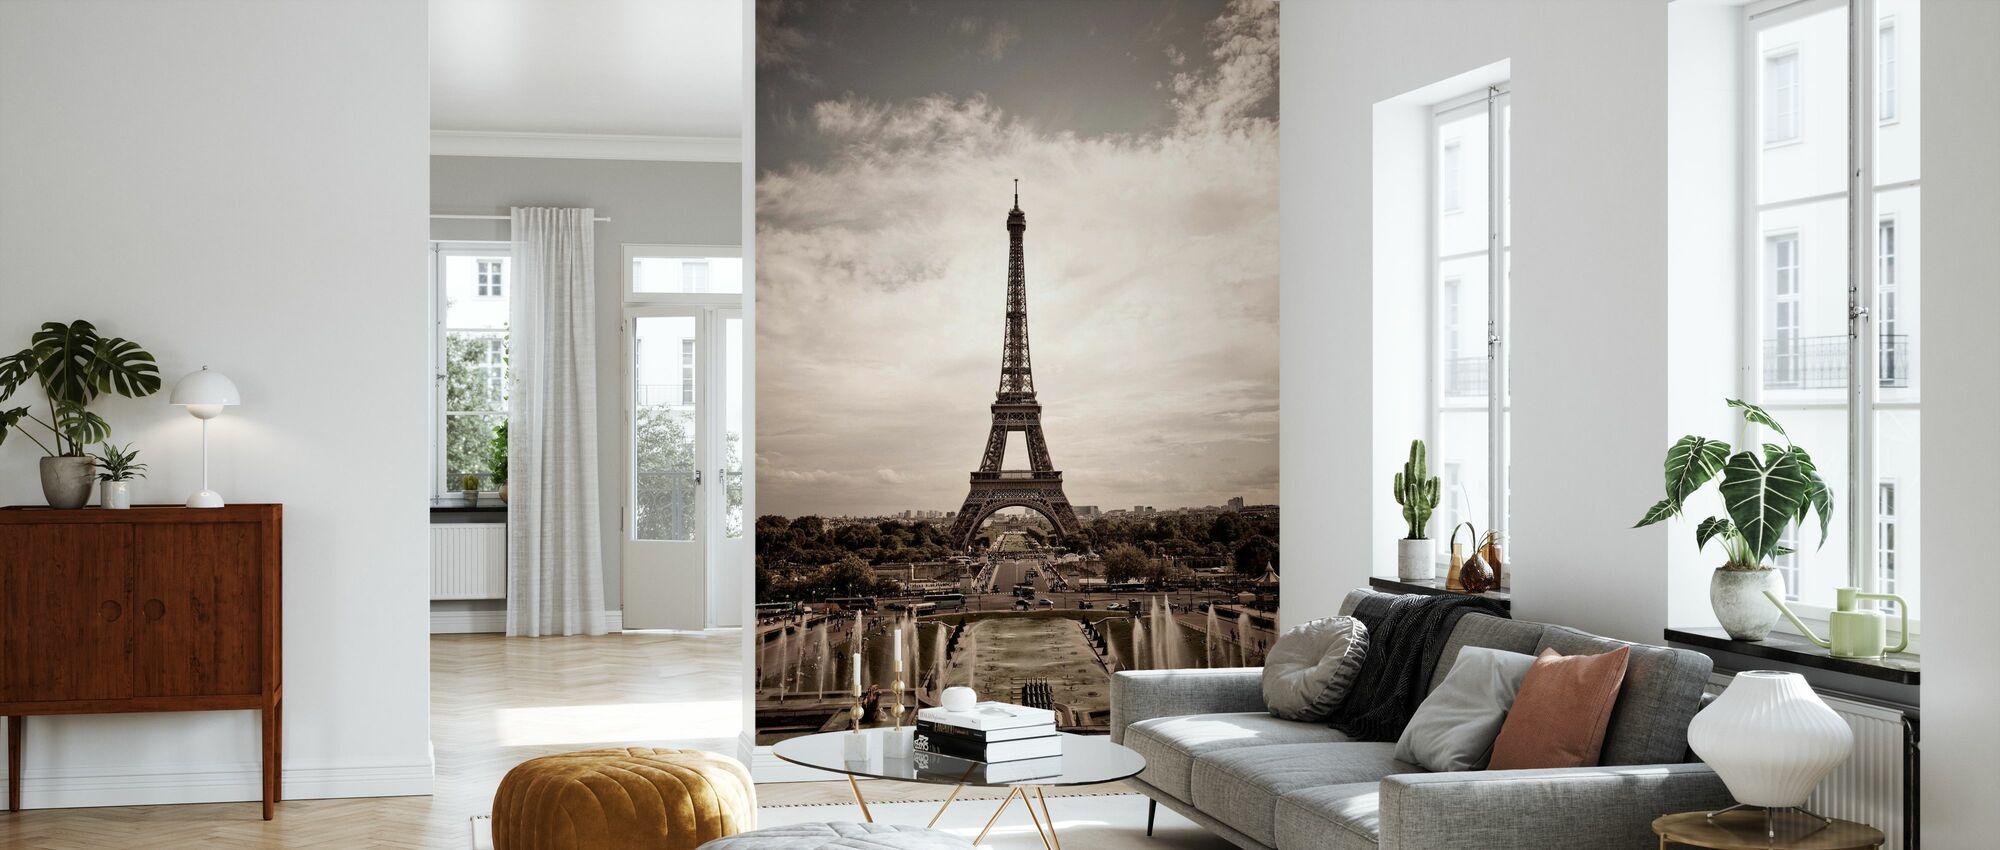 Eiffel Tower Seen From Palais de Chaillot - Wallpaper - Living Room